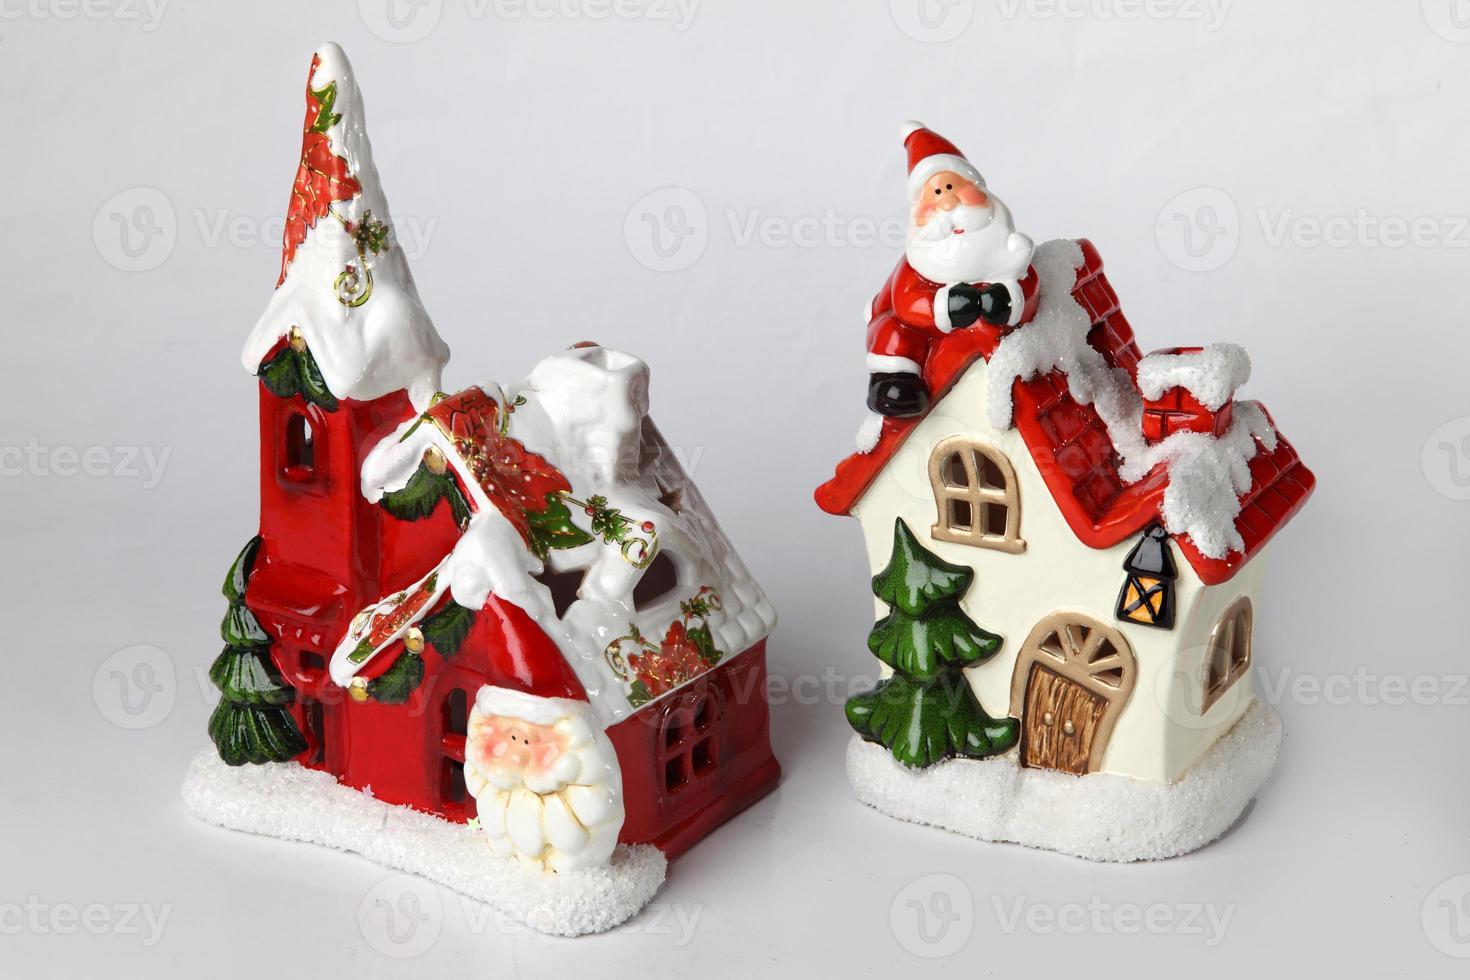 kandelaars kerst foto